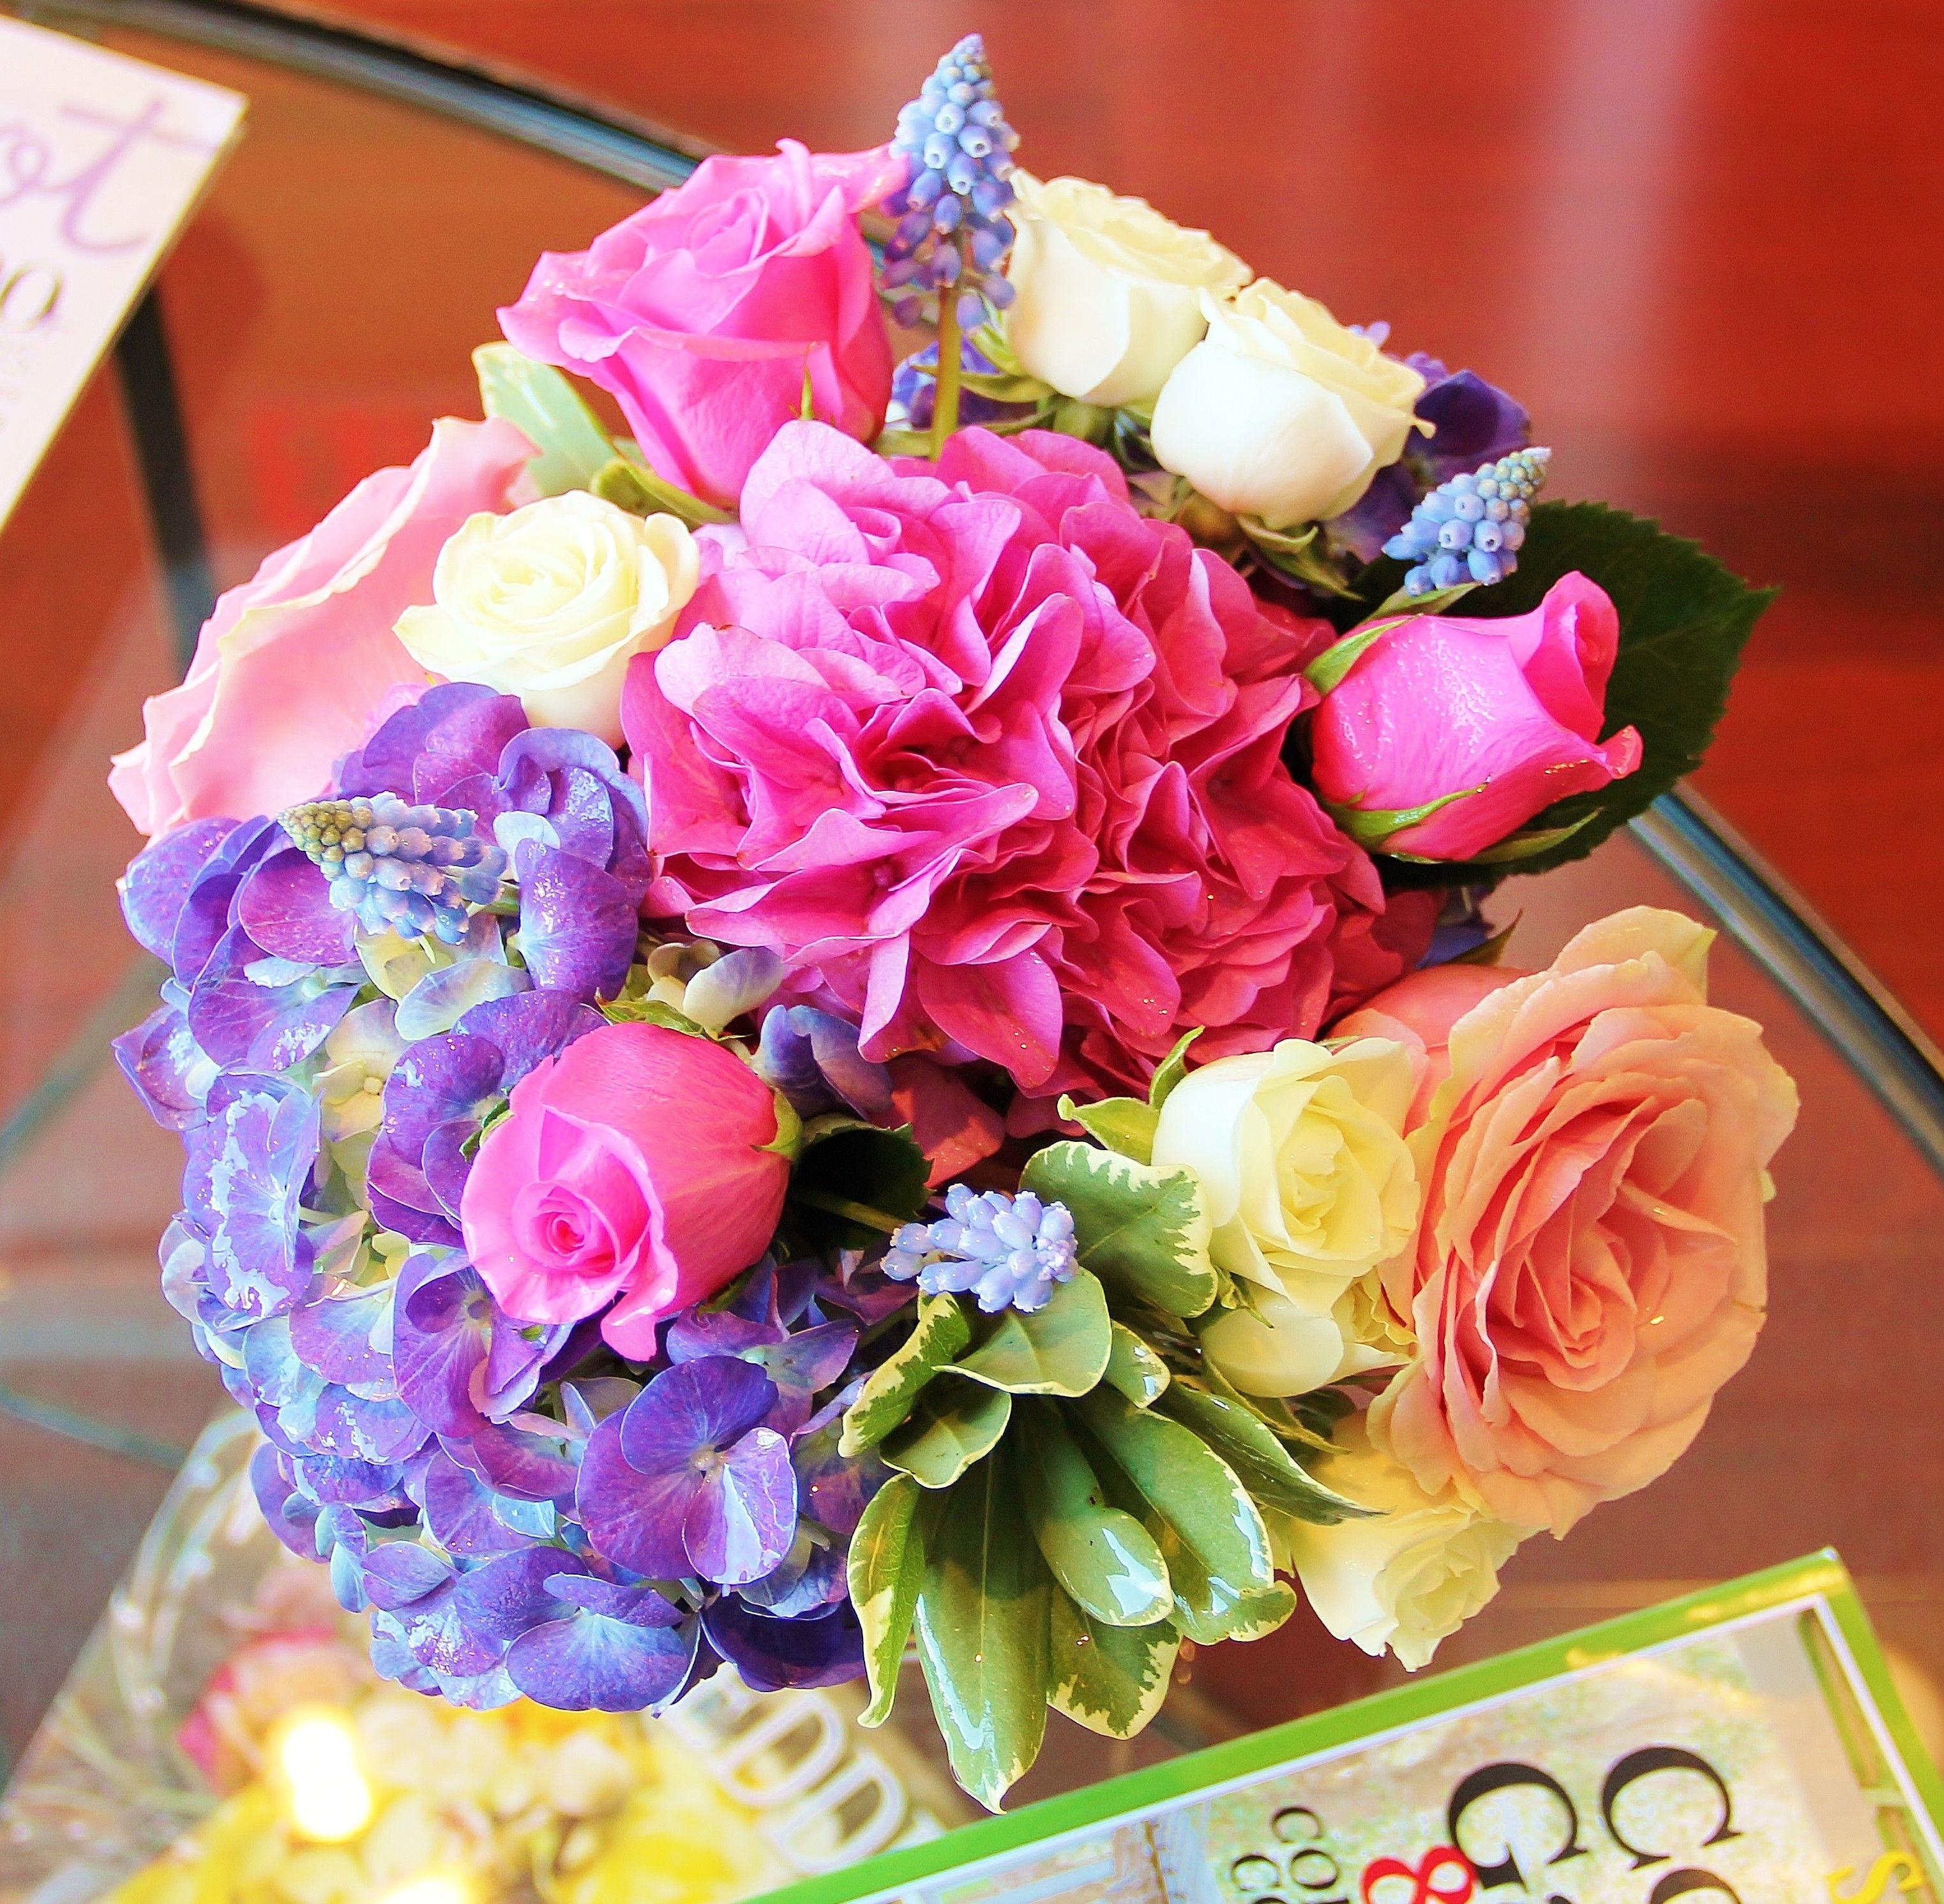 Harriett's Blooms from Hartfordshire